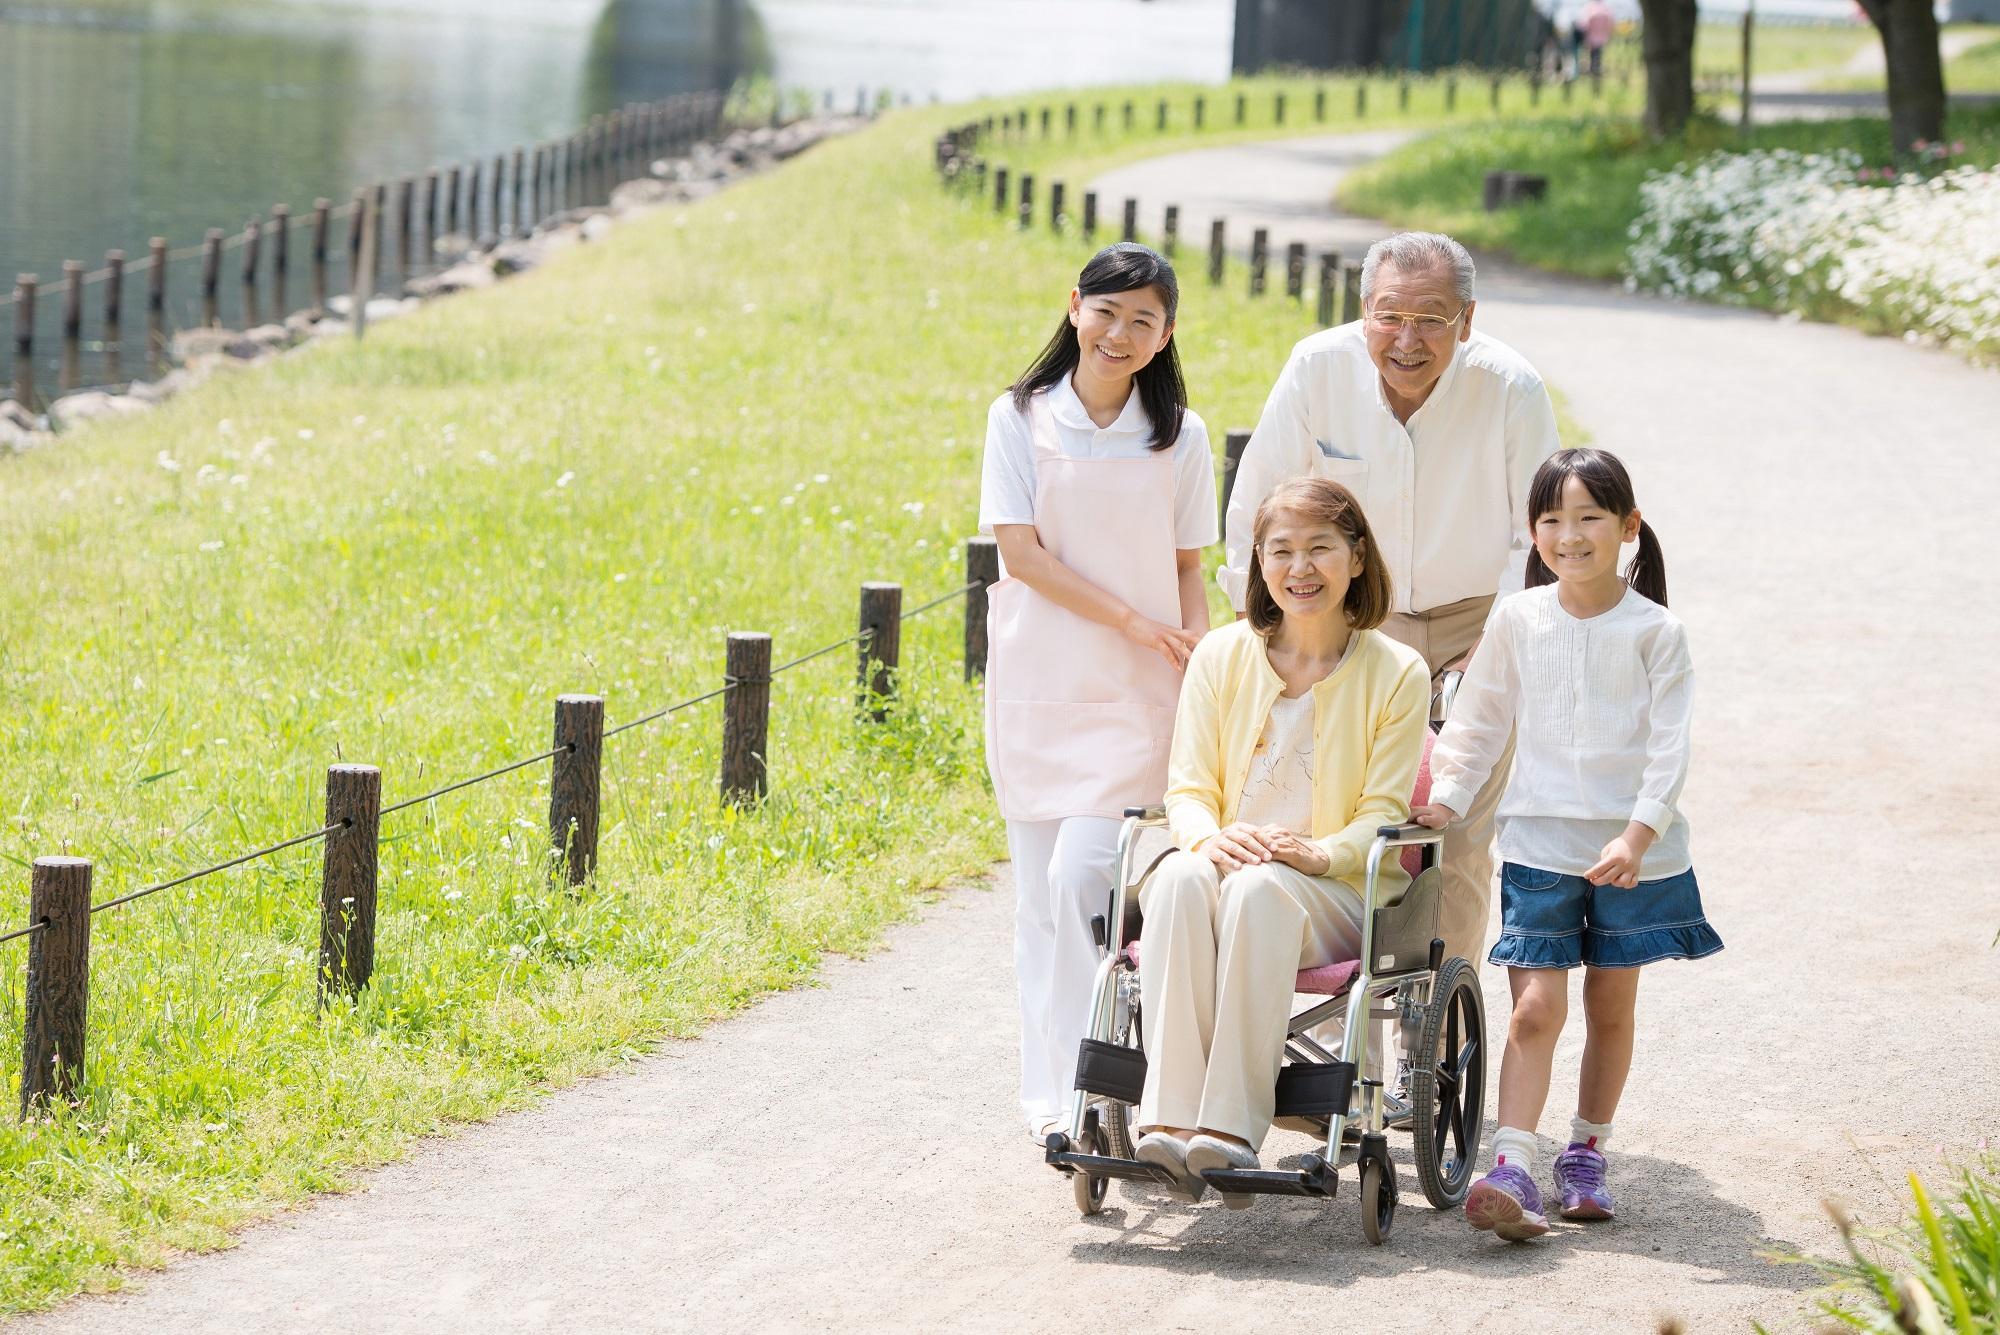 嘉頤優質護老院,政府甲一級安老院/老人院,24小時專業護理,註冊西醫定期到診,以照顧家人的態度,服務您的摰親。